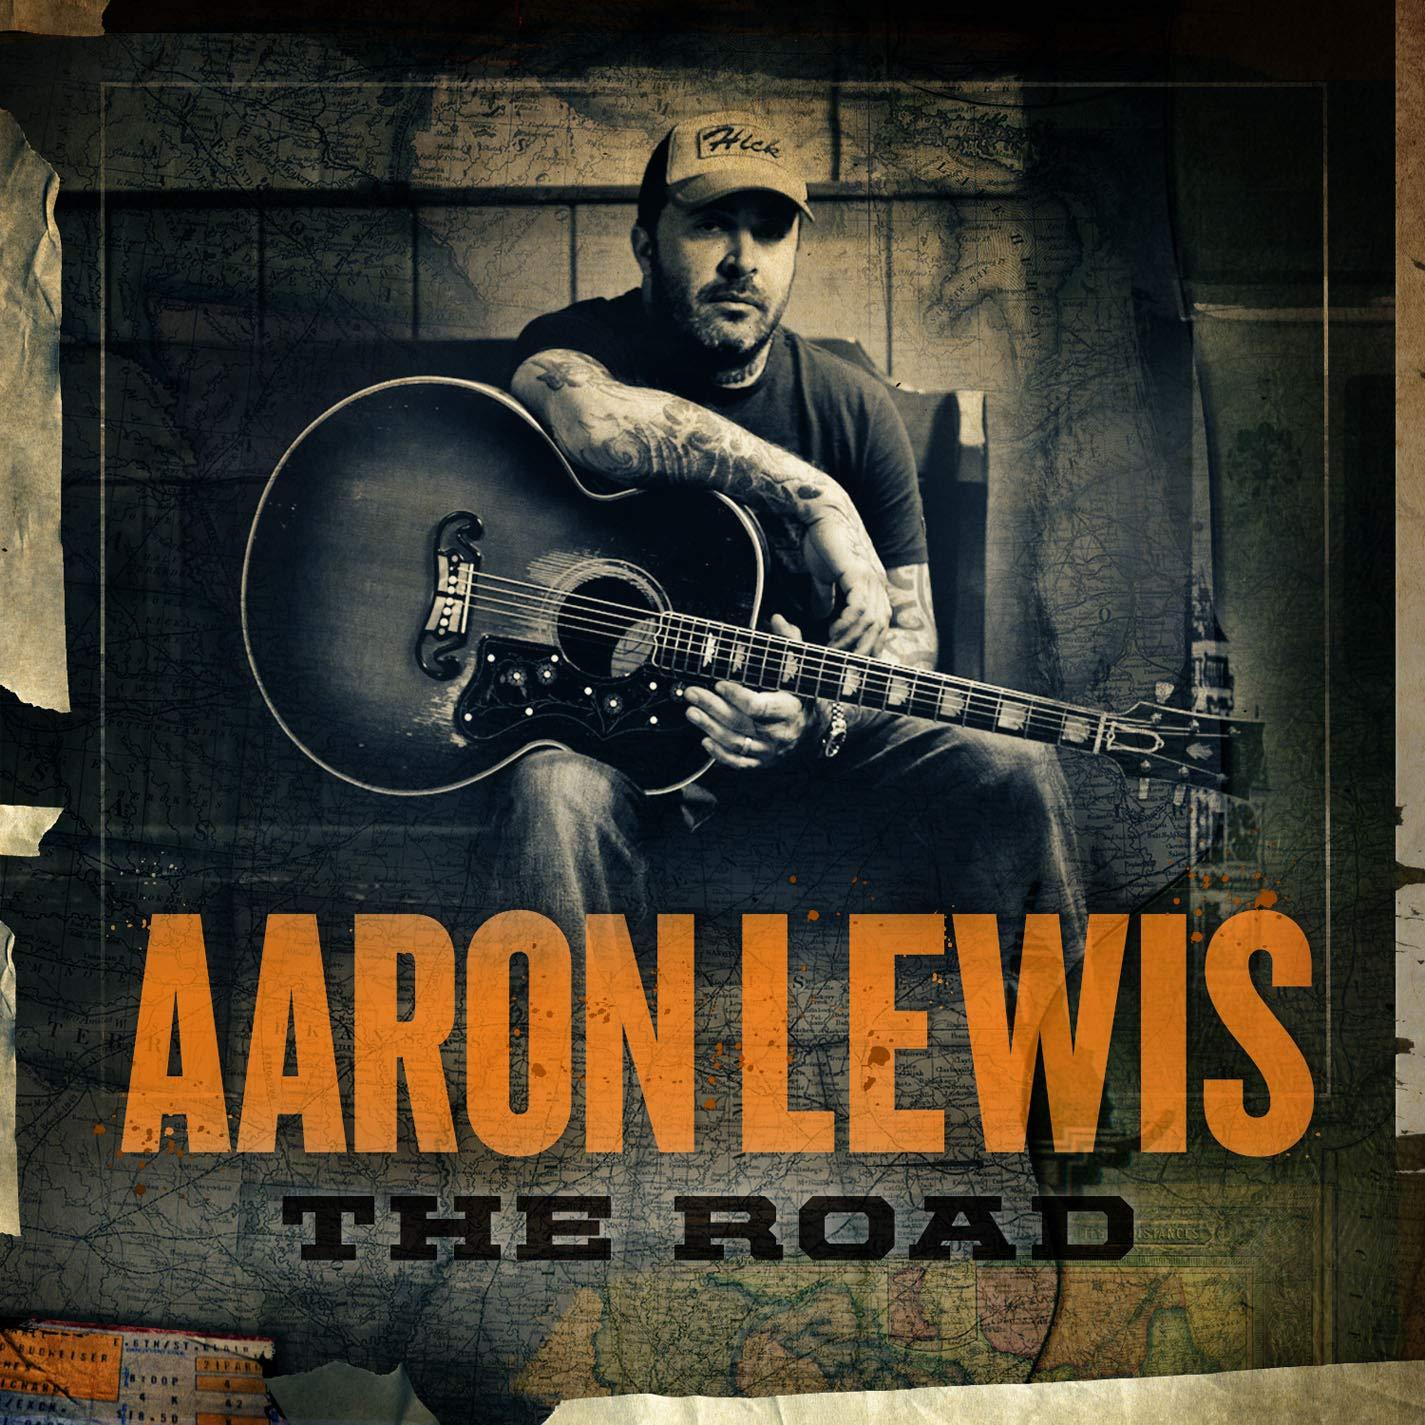 aaron lewis songs free download